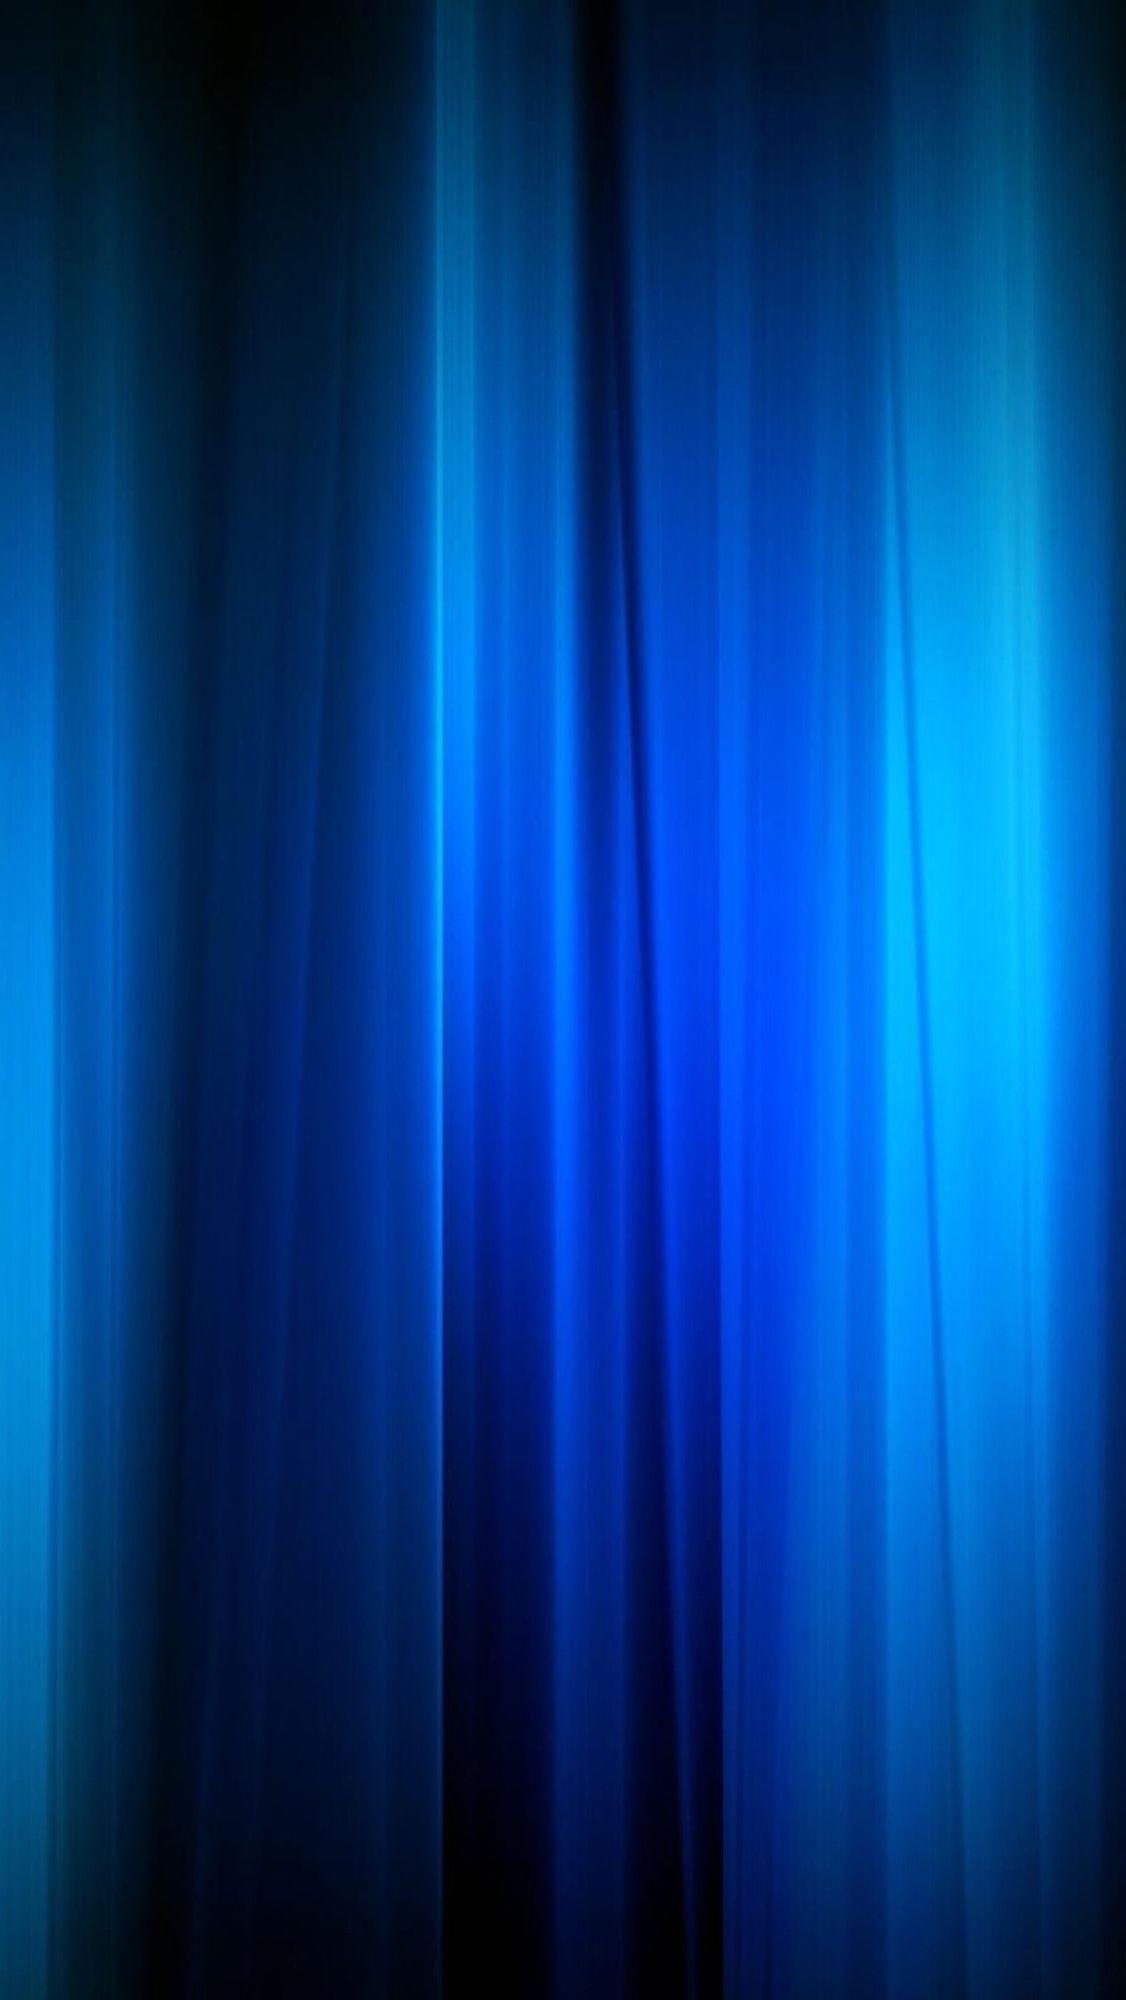 ブルーカーテンiphone壁紙wallpaper 壁紙 背景 Iphone壁紙